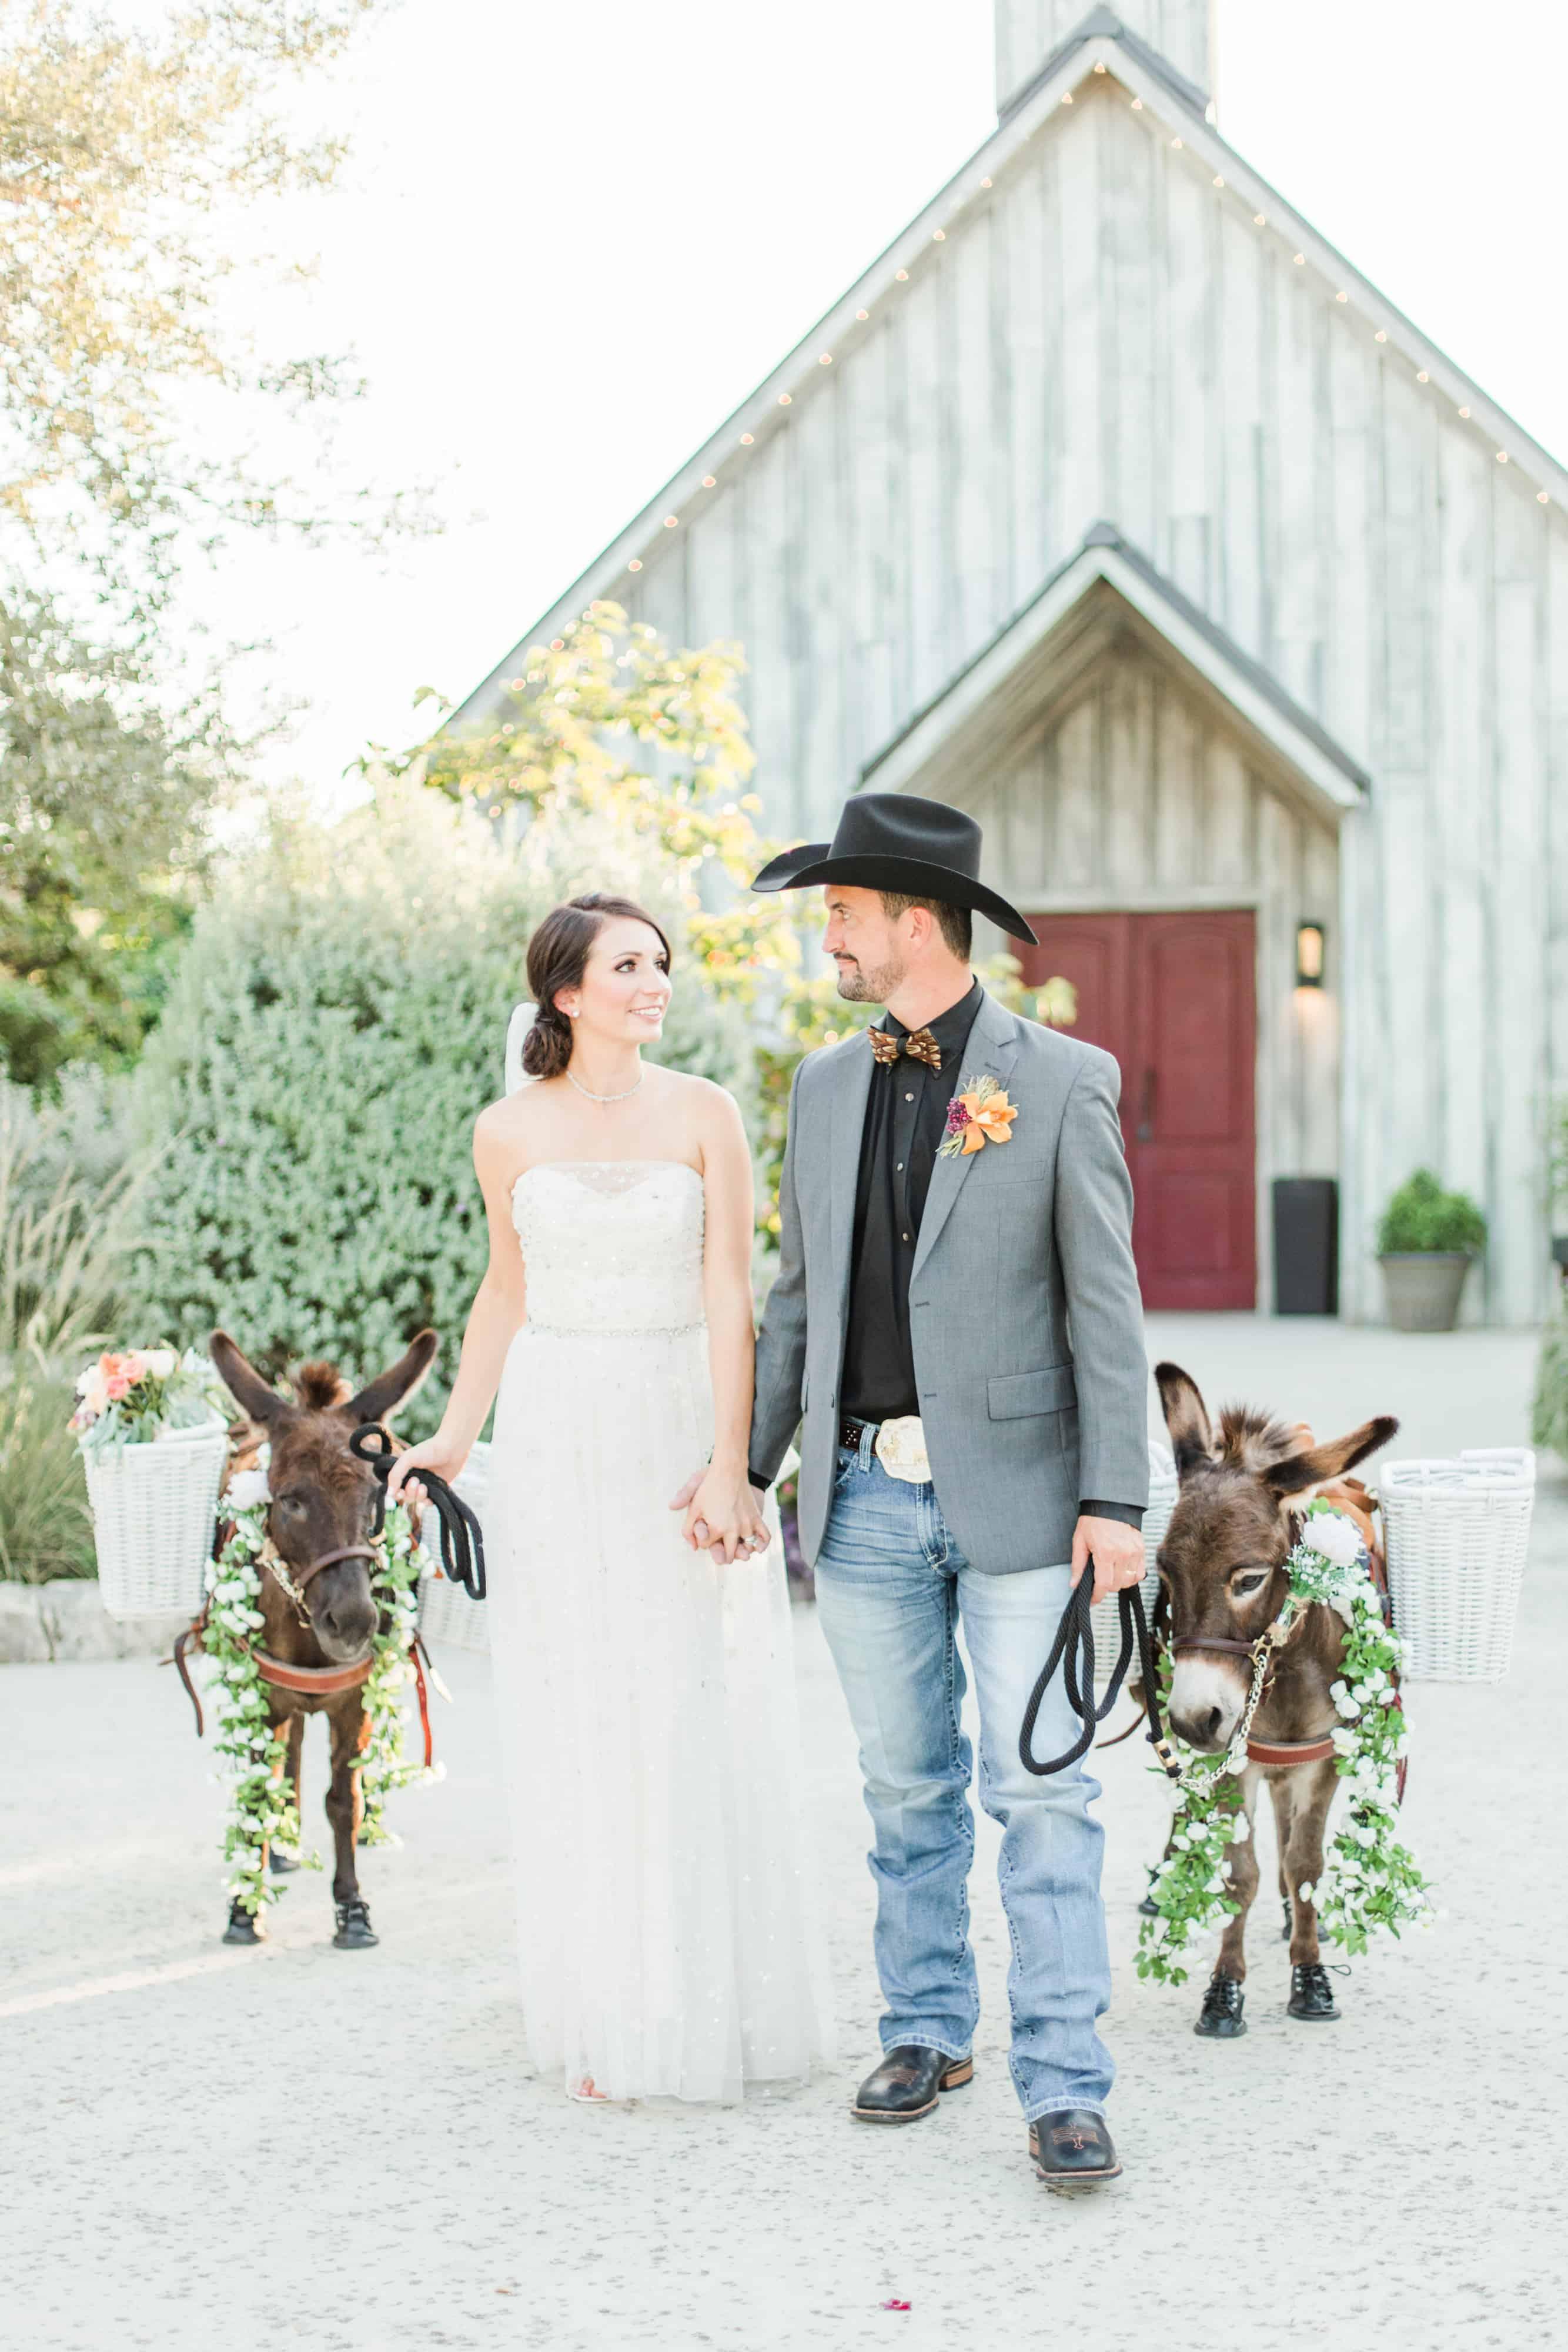 weddings paniolo ranch texas